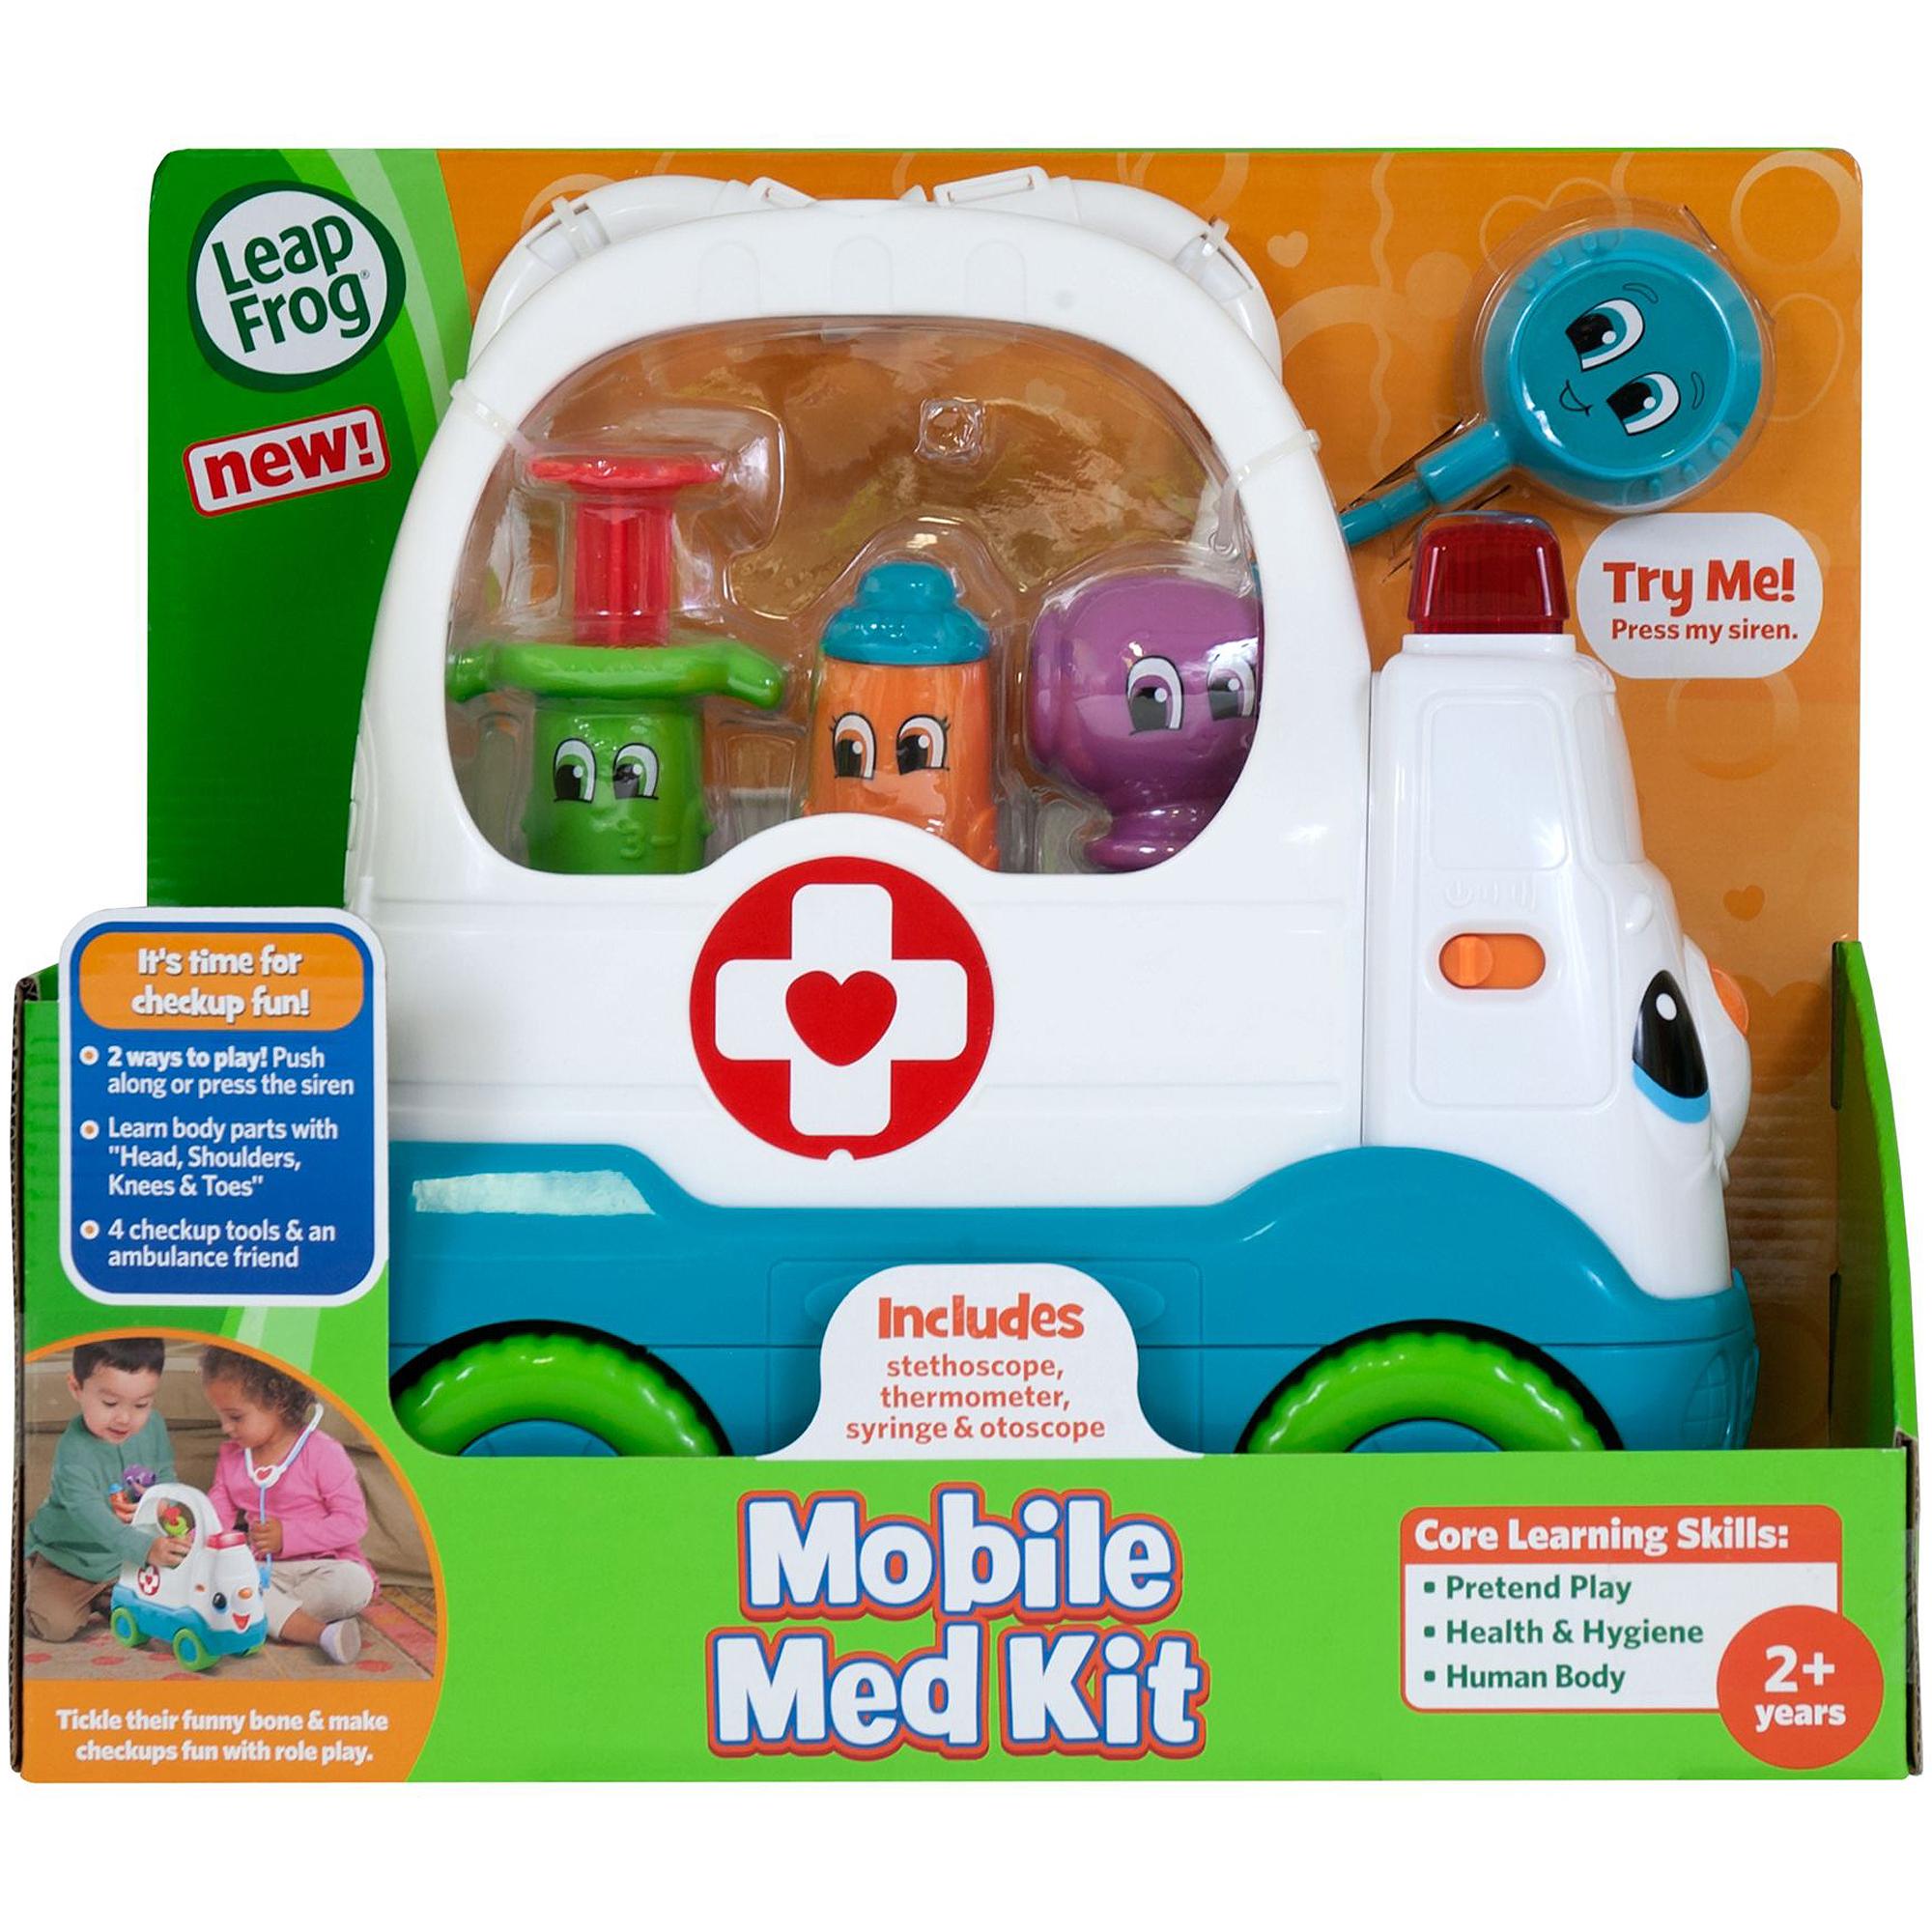 พร้อมส่งส่งฟรี mobile med kit ของแท้ งานห้าง